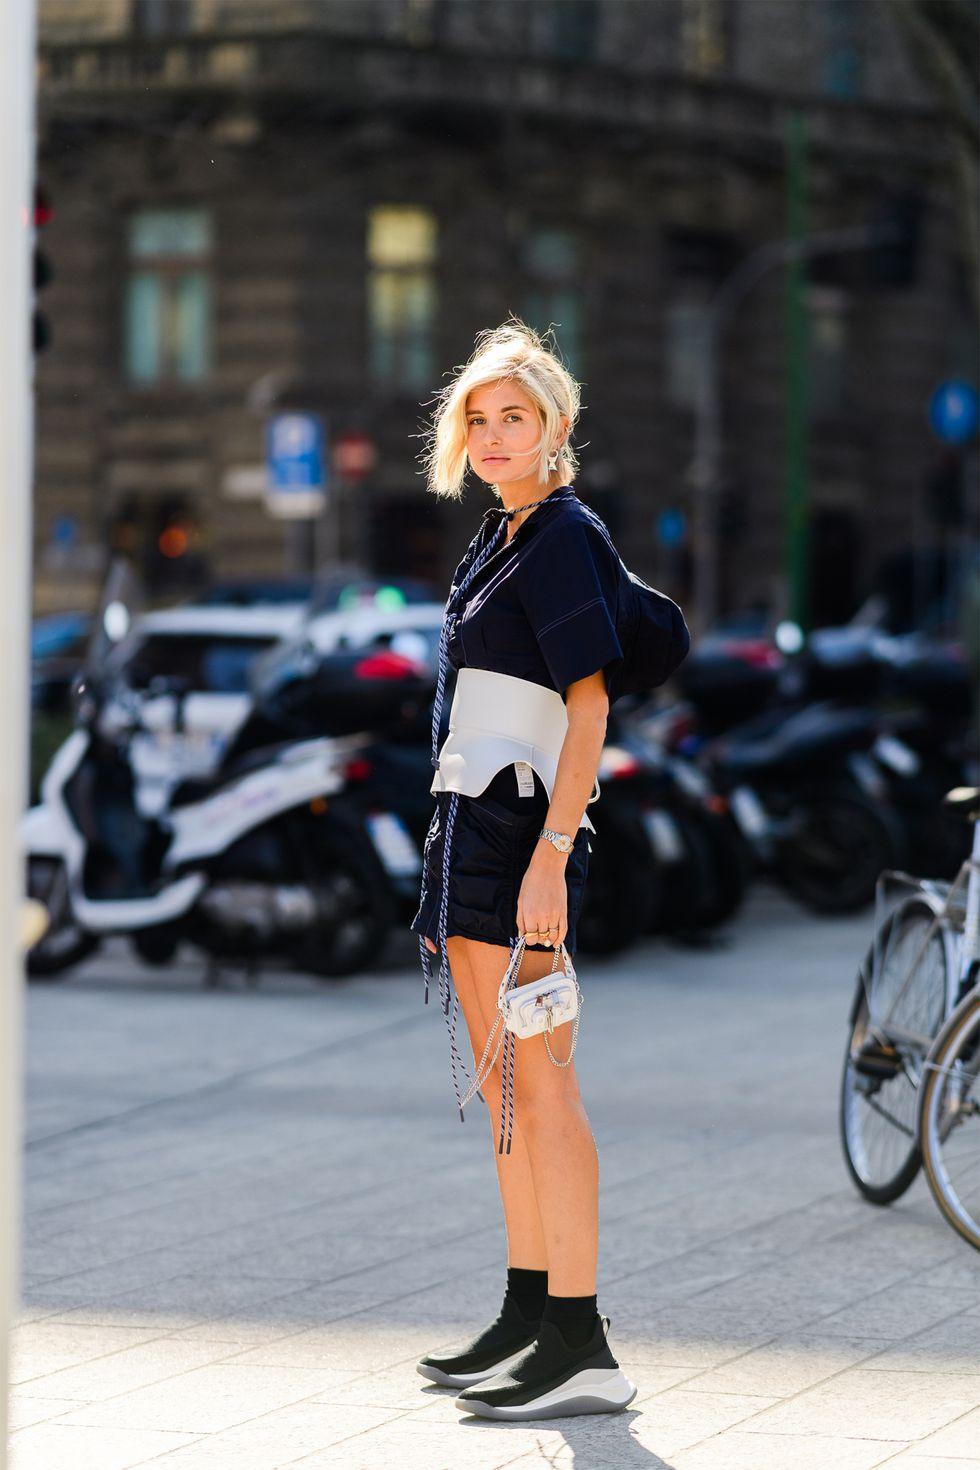 """xu hướng thời trang đường phố hứa hẹn sẽ """"khuấy động"""" làng mốt 8"""